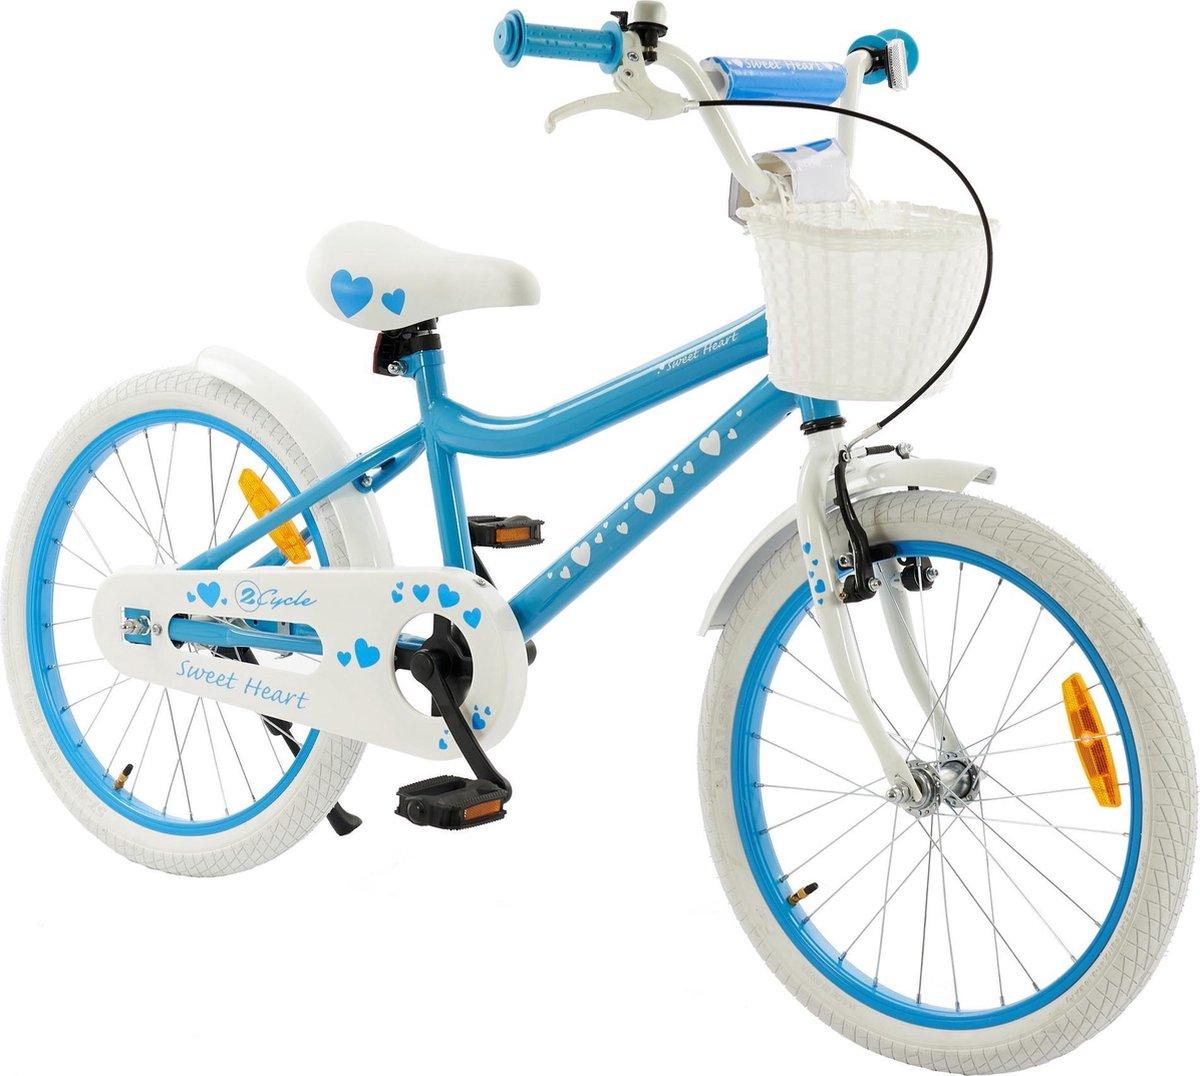 2Cycle Sweet Kinderfiets - 20 inch - Blauw - Meisjesfiets